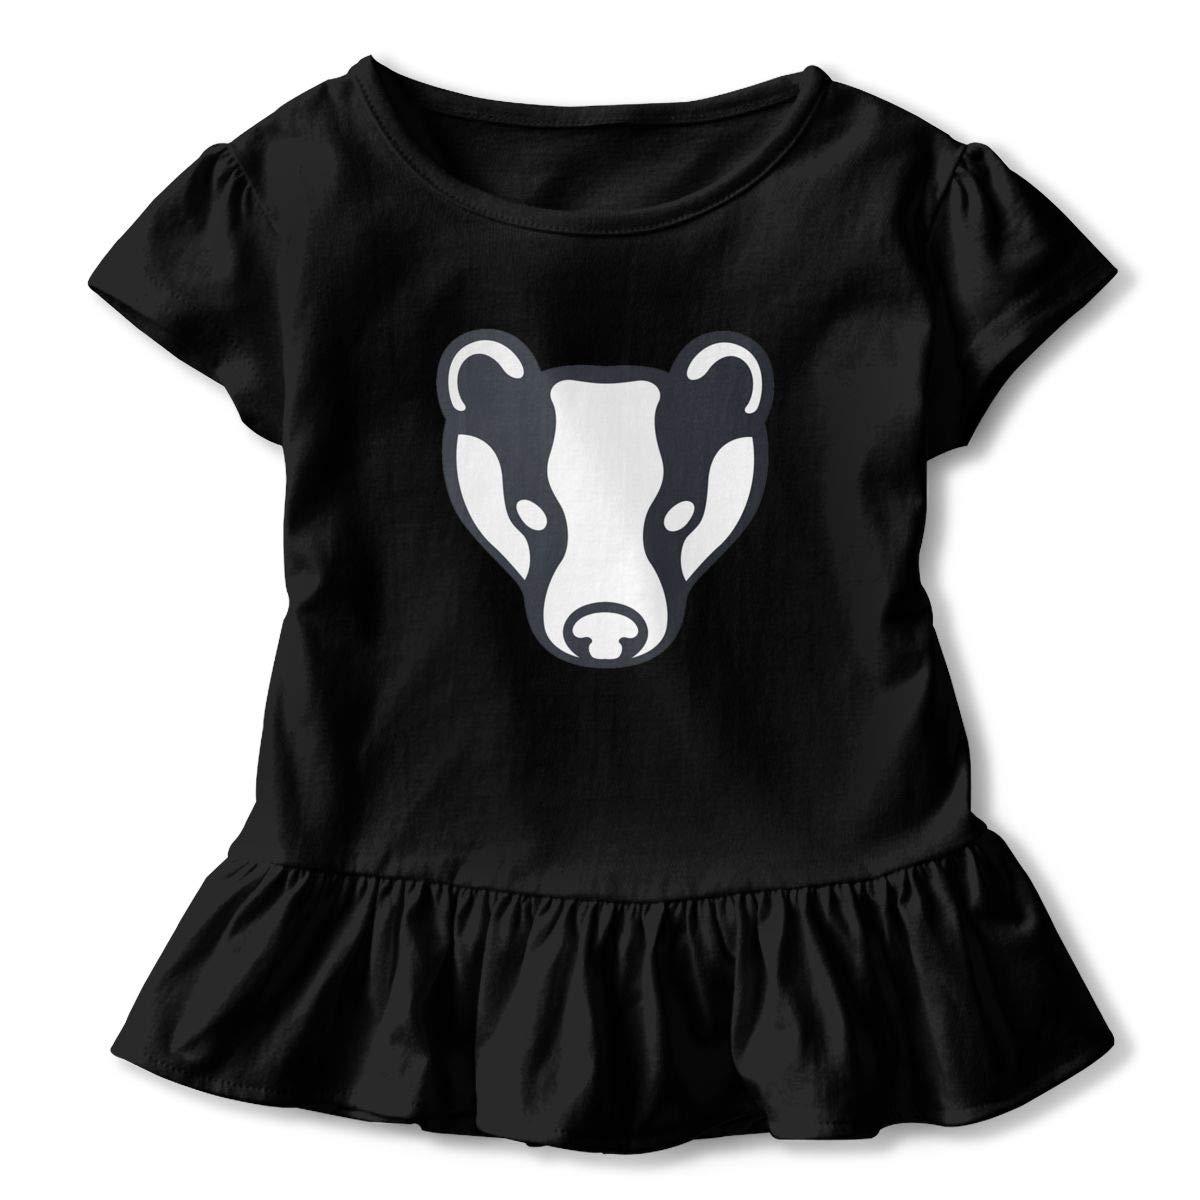 Badger Shirt Comfort Toddler Girls Flounced T Shirts Tops for 2-6T Kids Girls